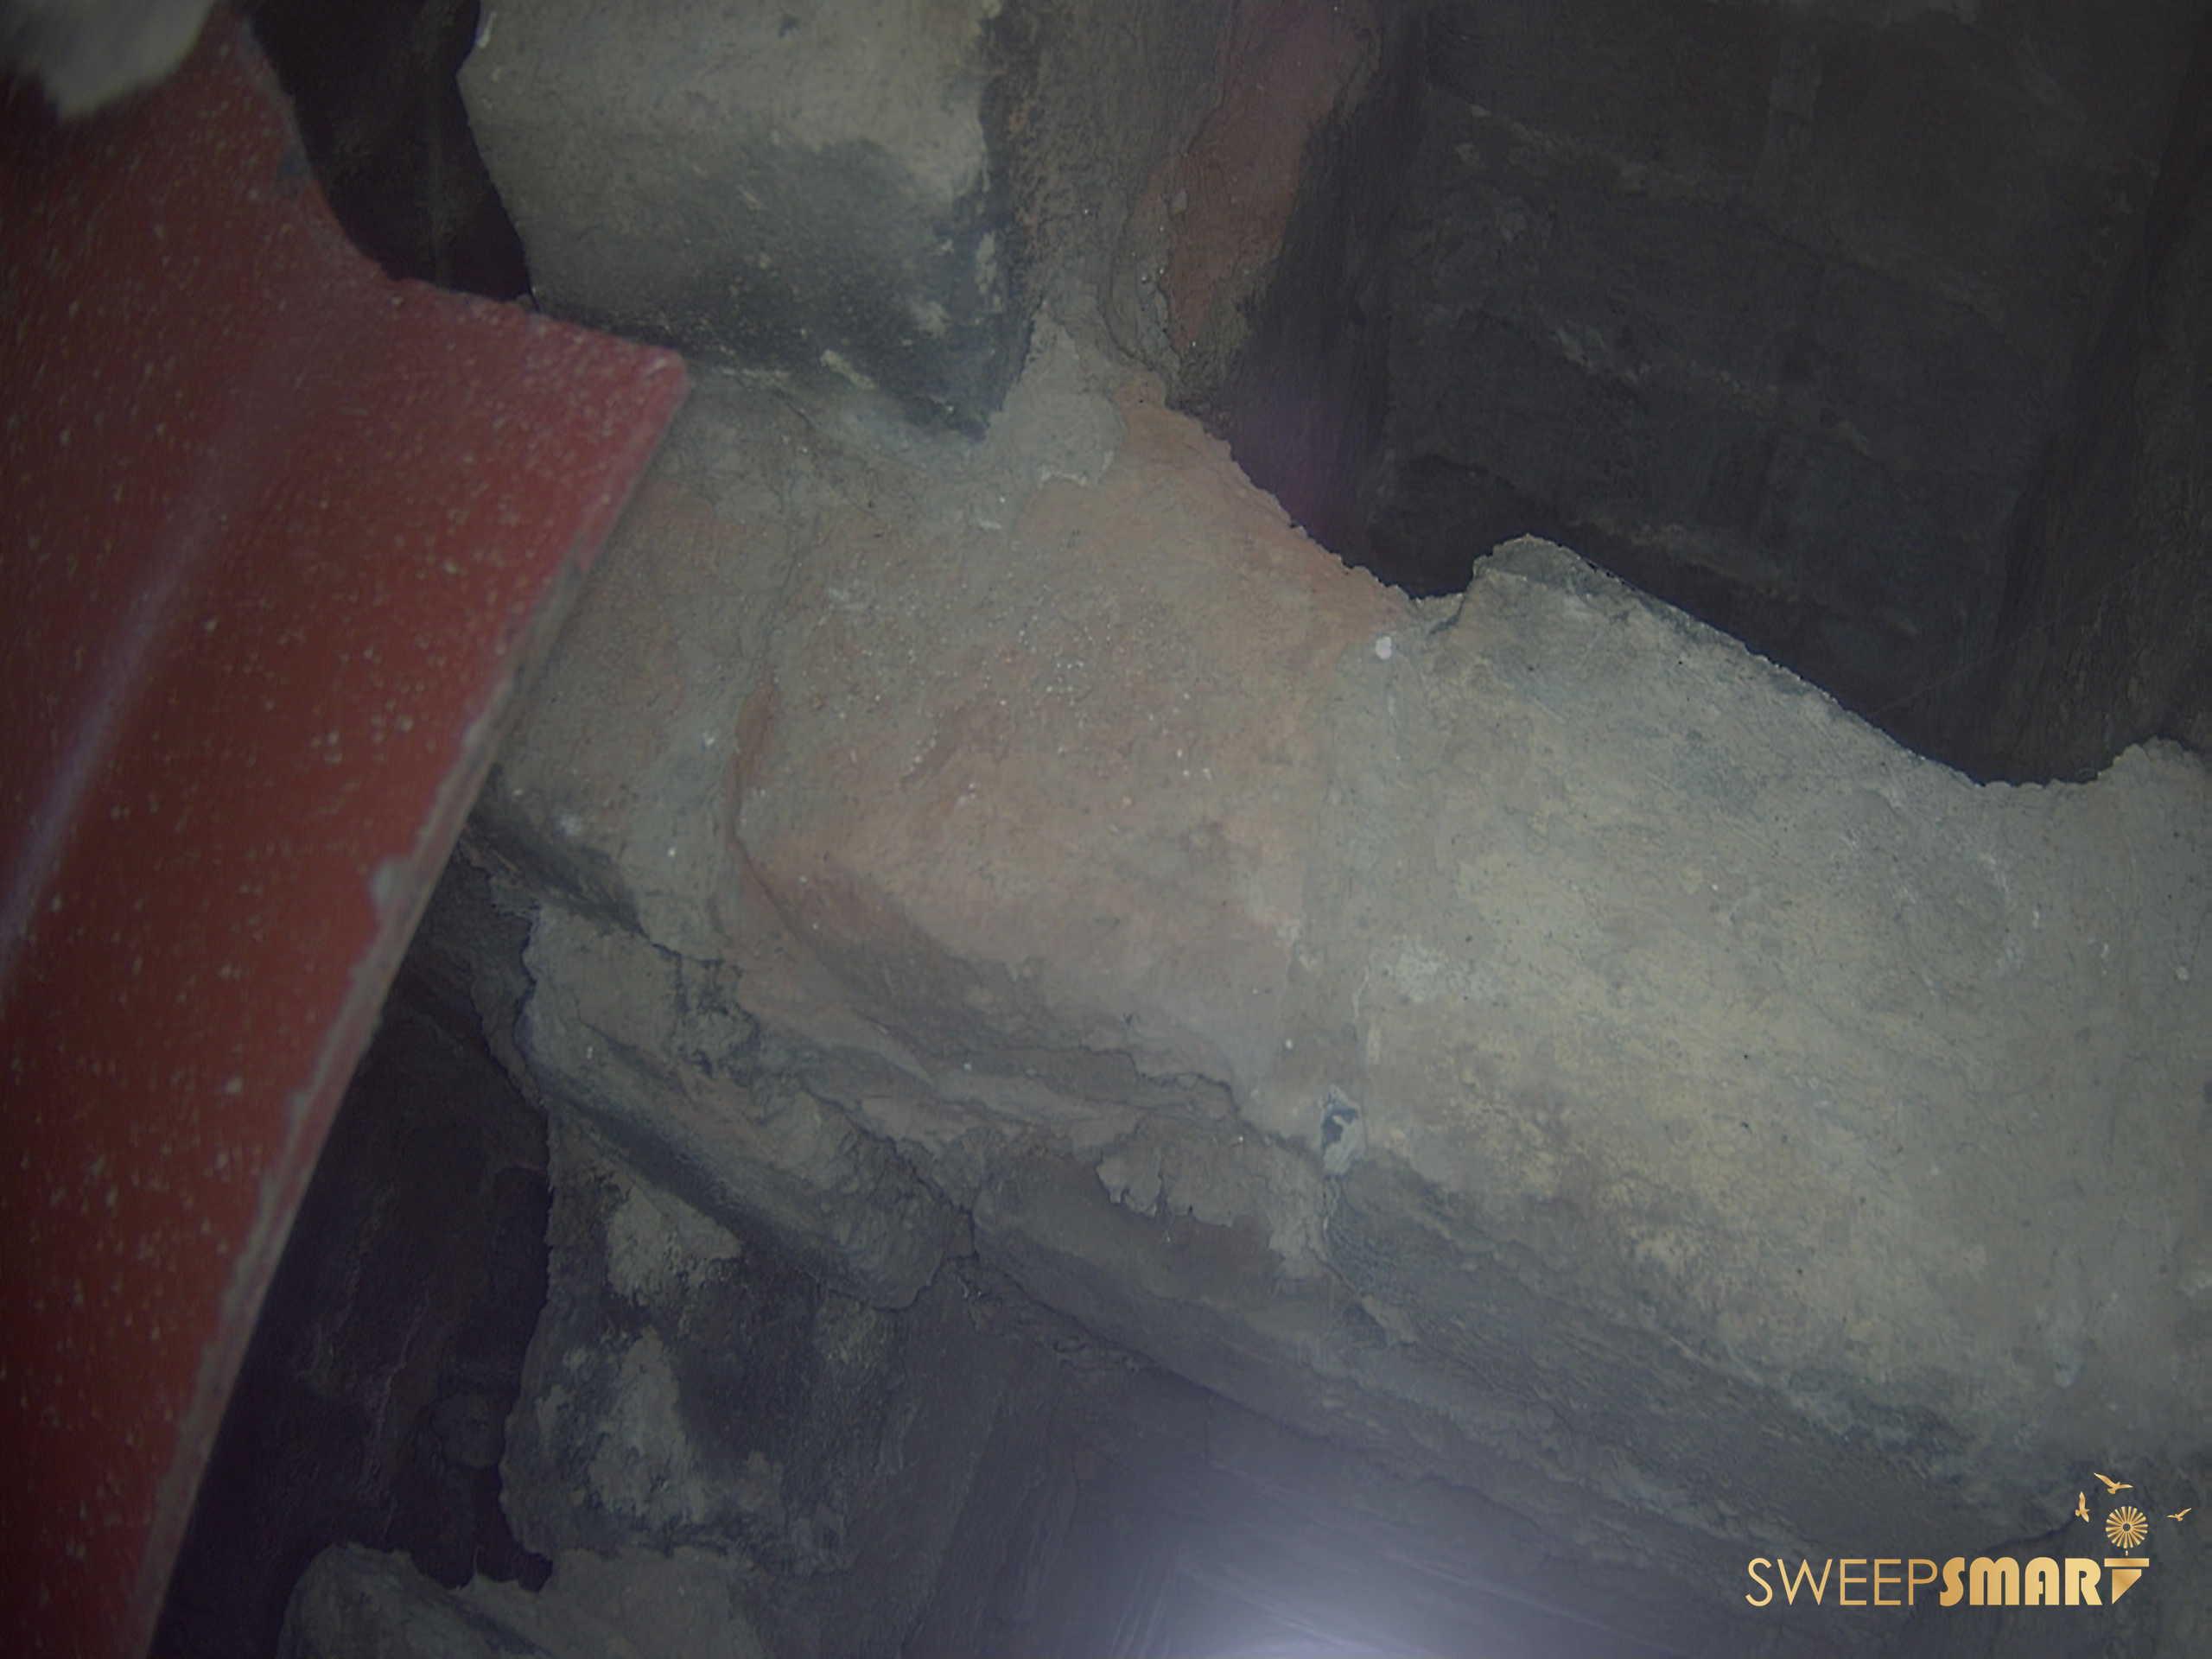 Broken chimney flue